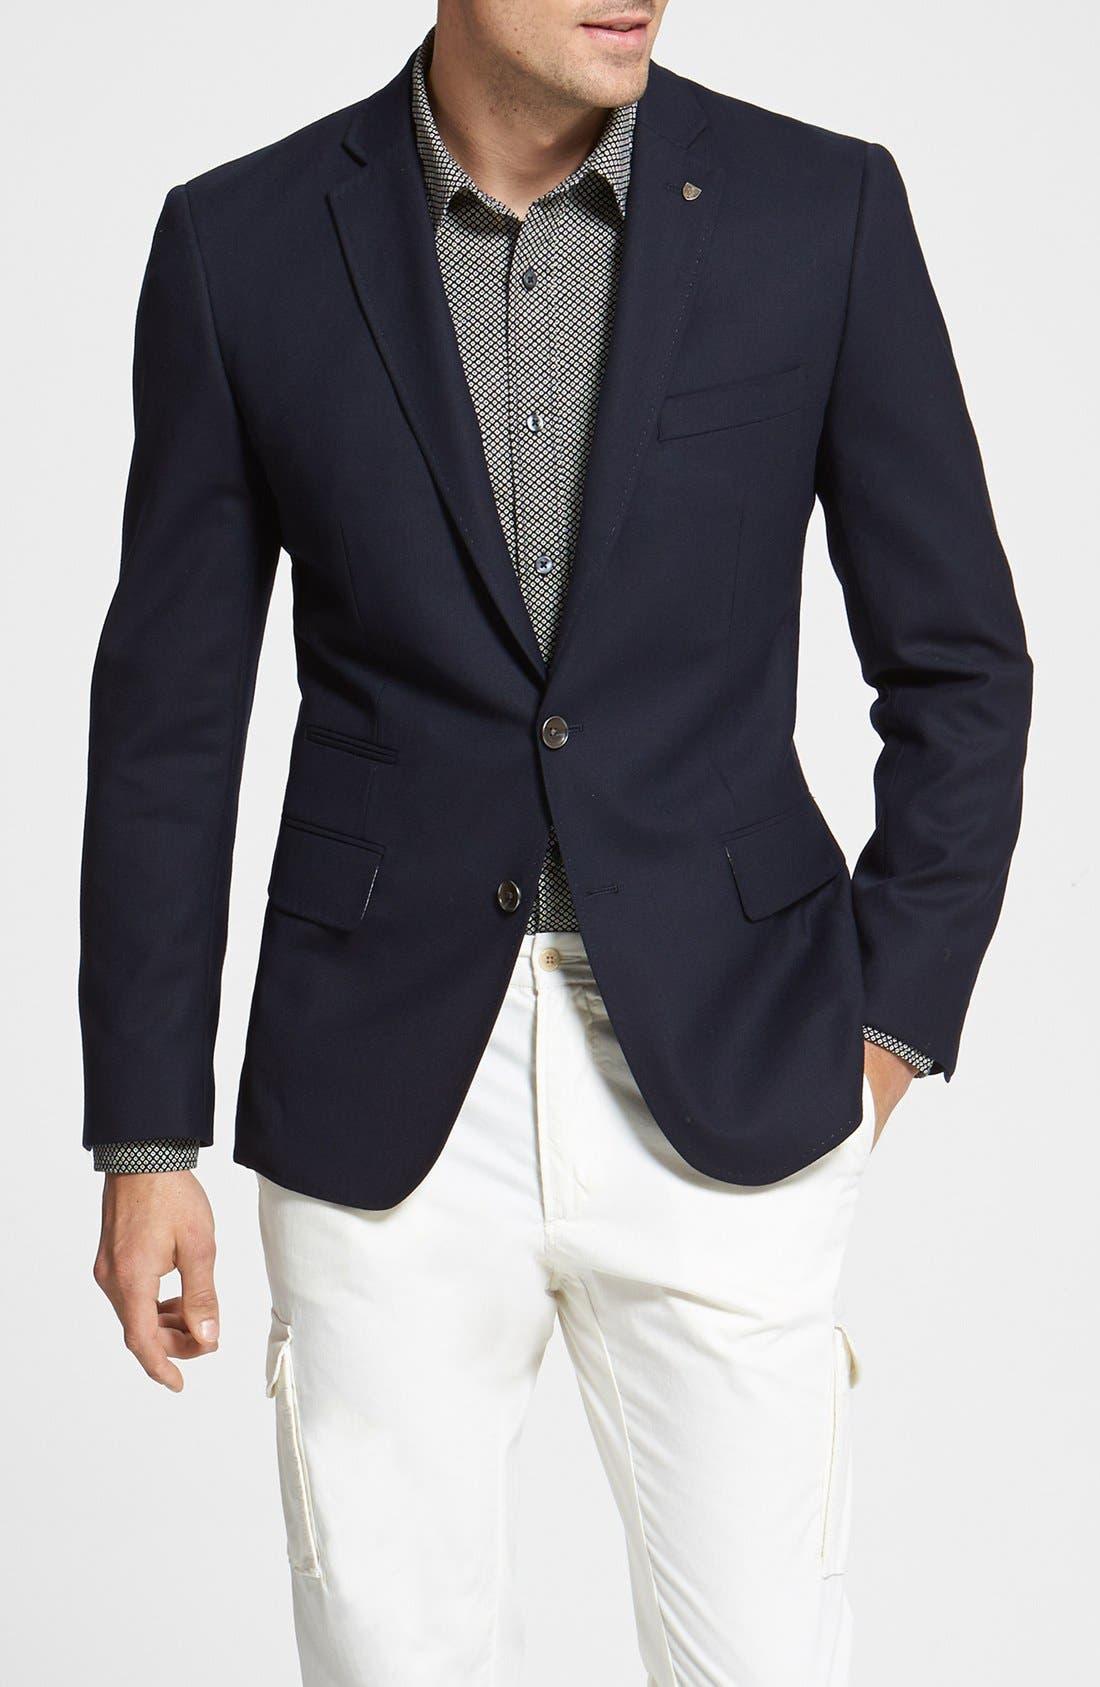 Alternate Image 1 Selected - Wallin & Bros. Trim Fit Wool Blazer